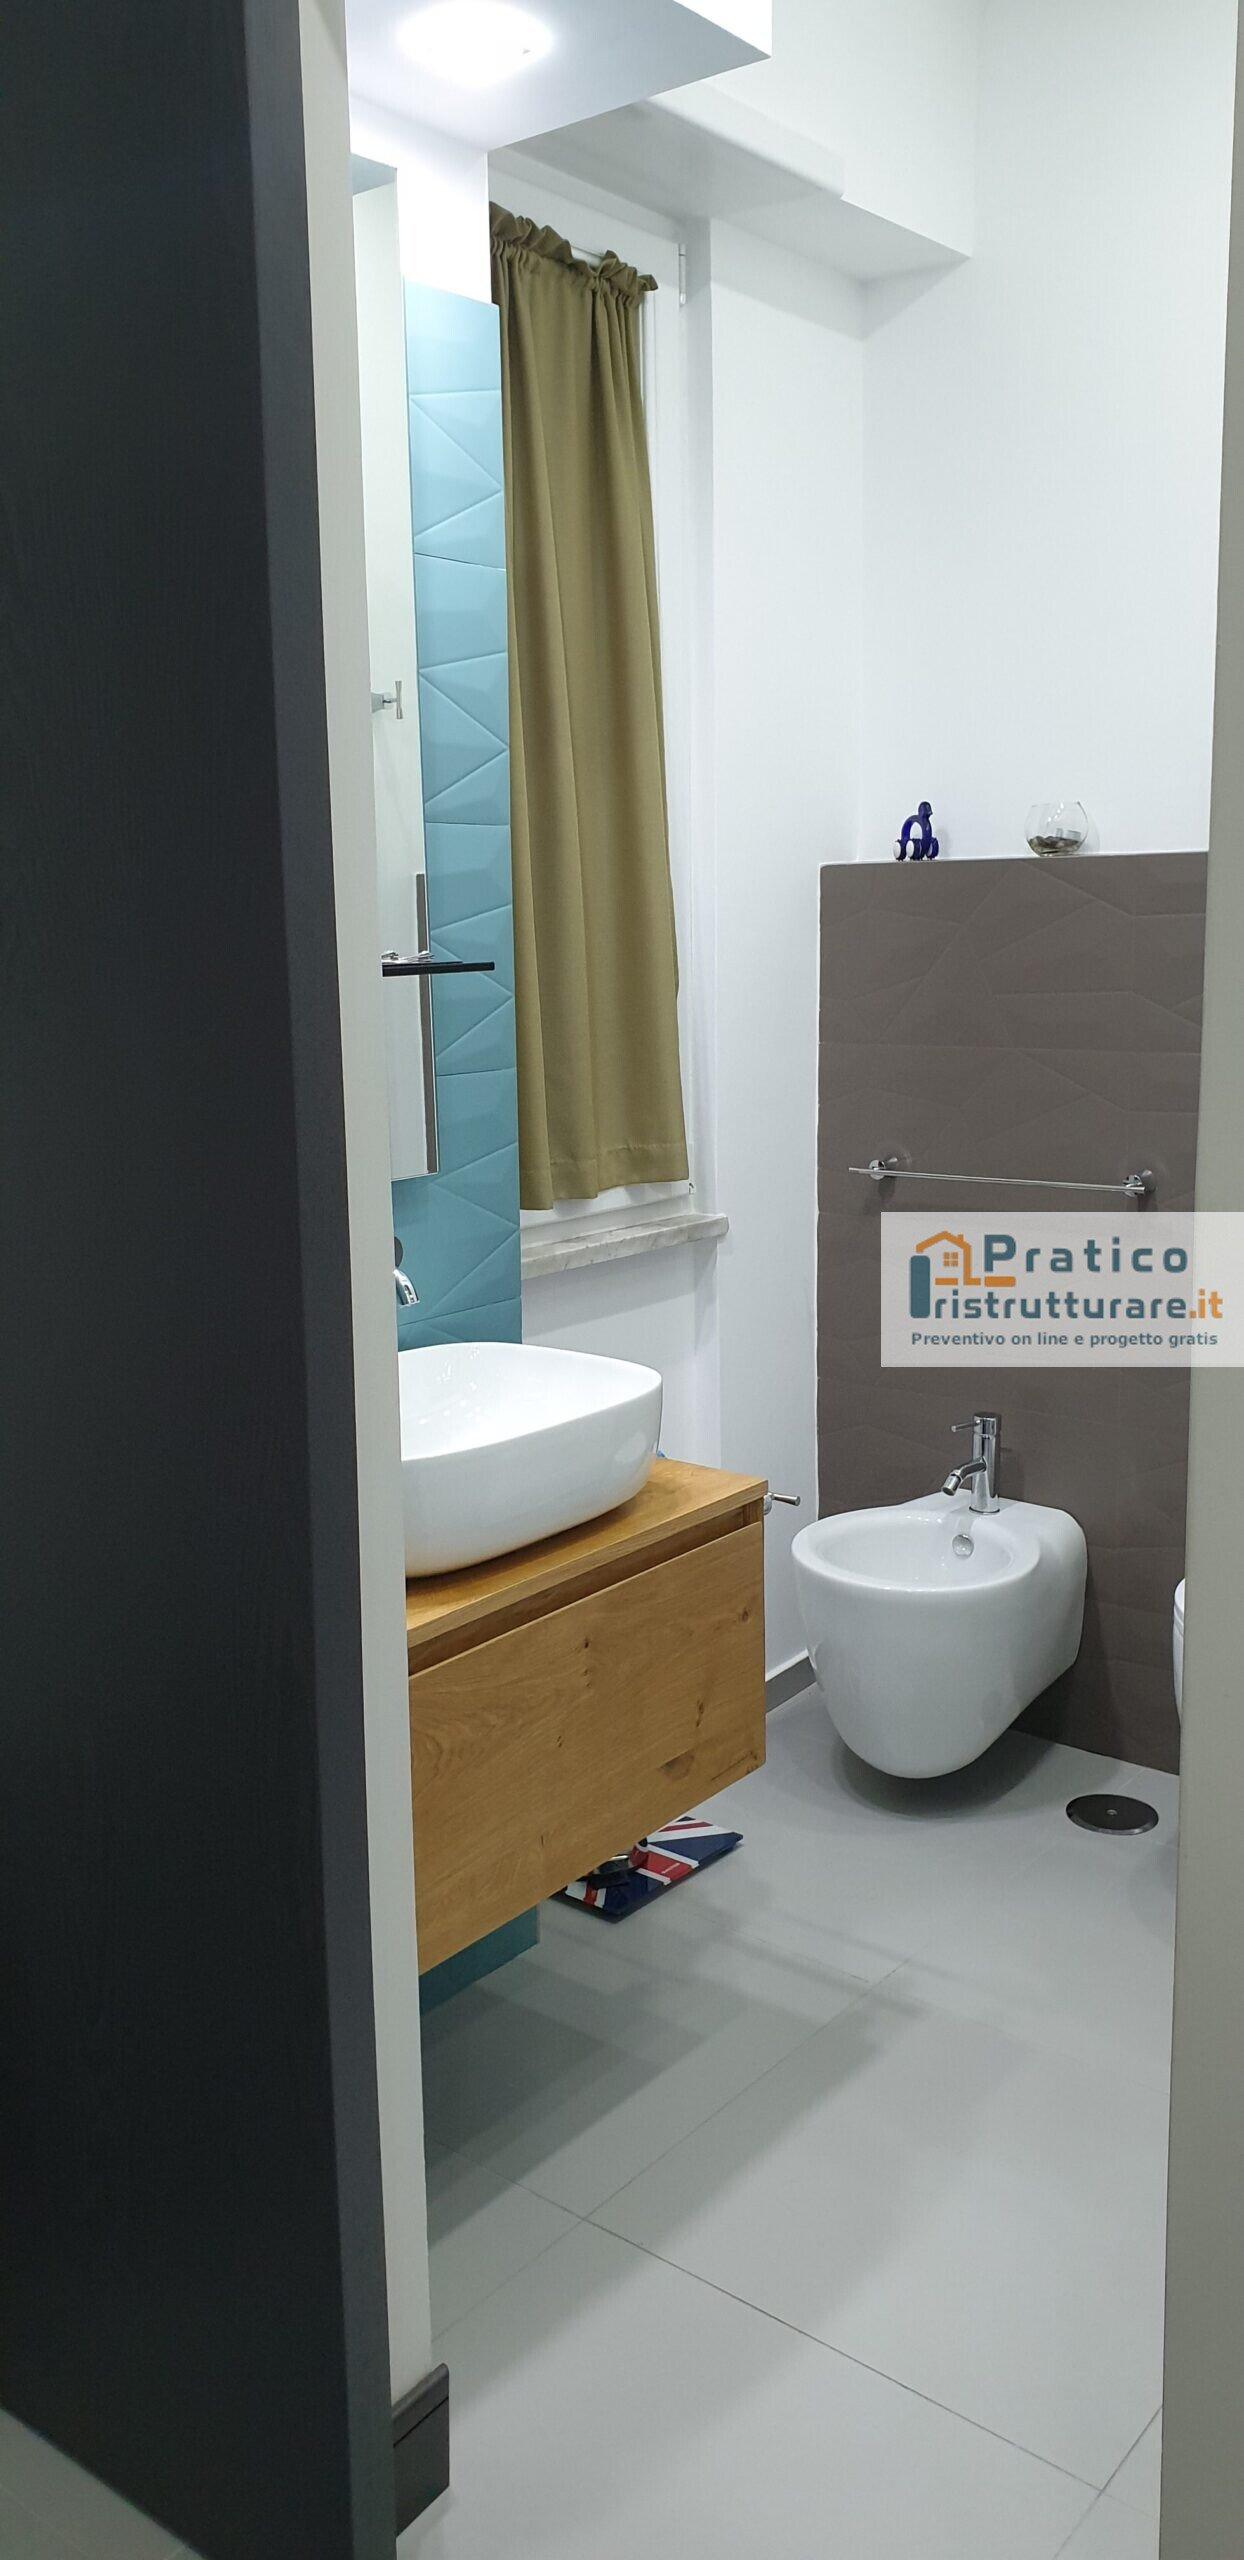 praticoristrutturare_bagno in camera2